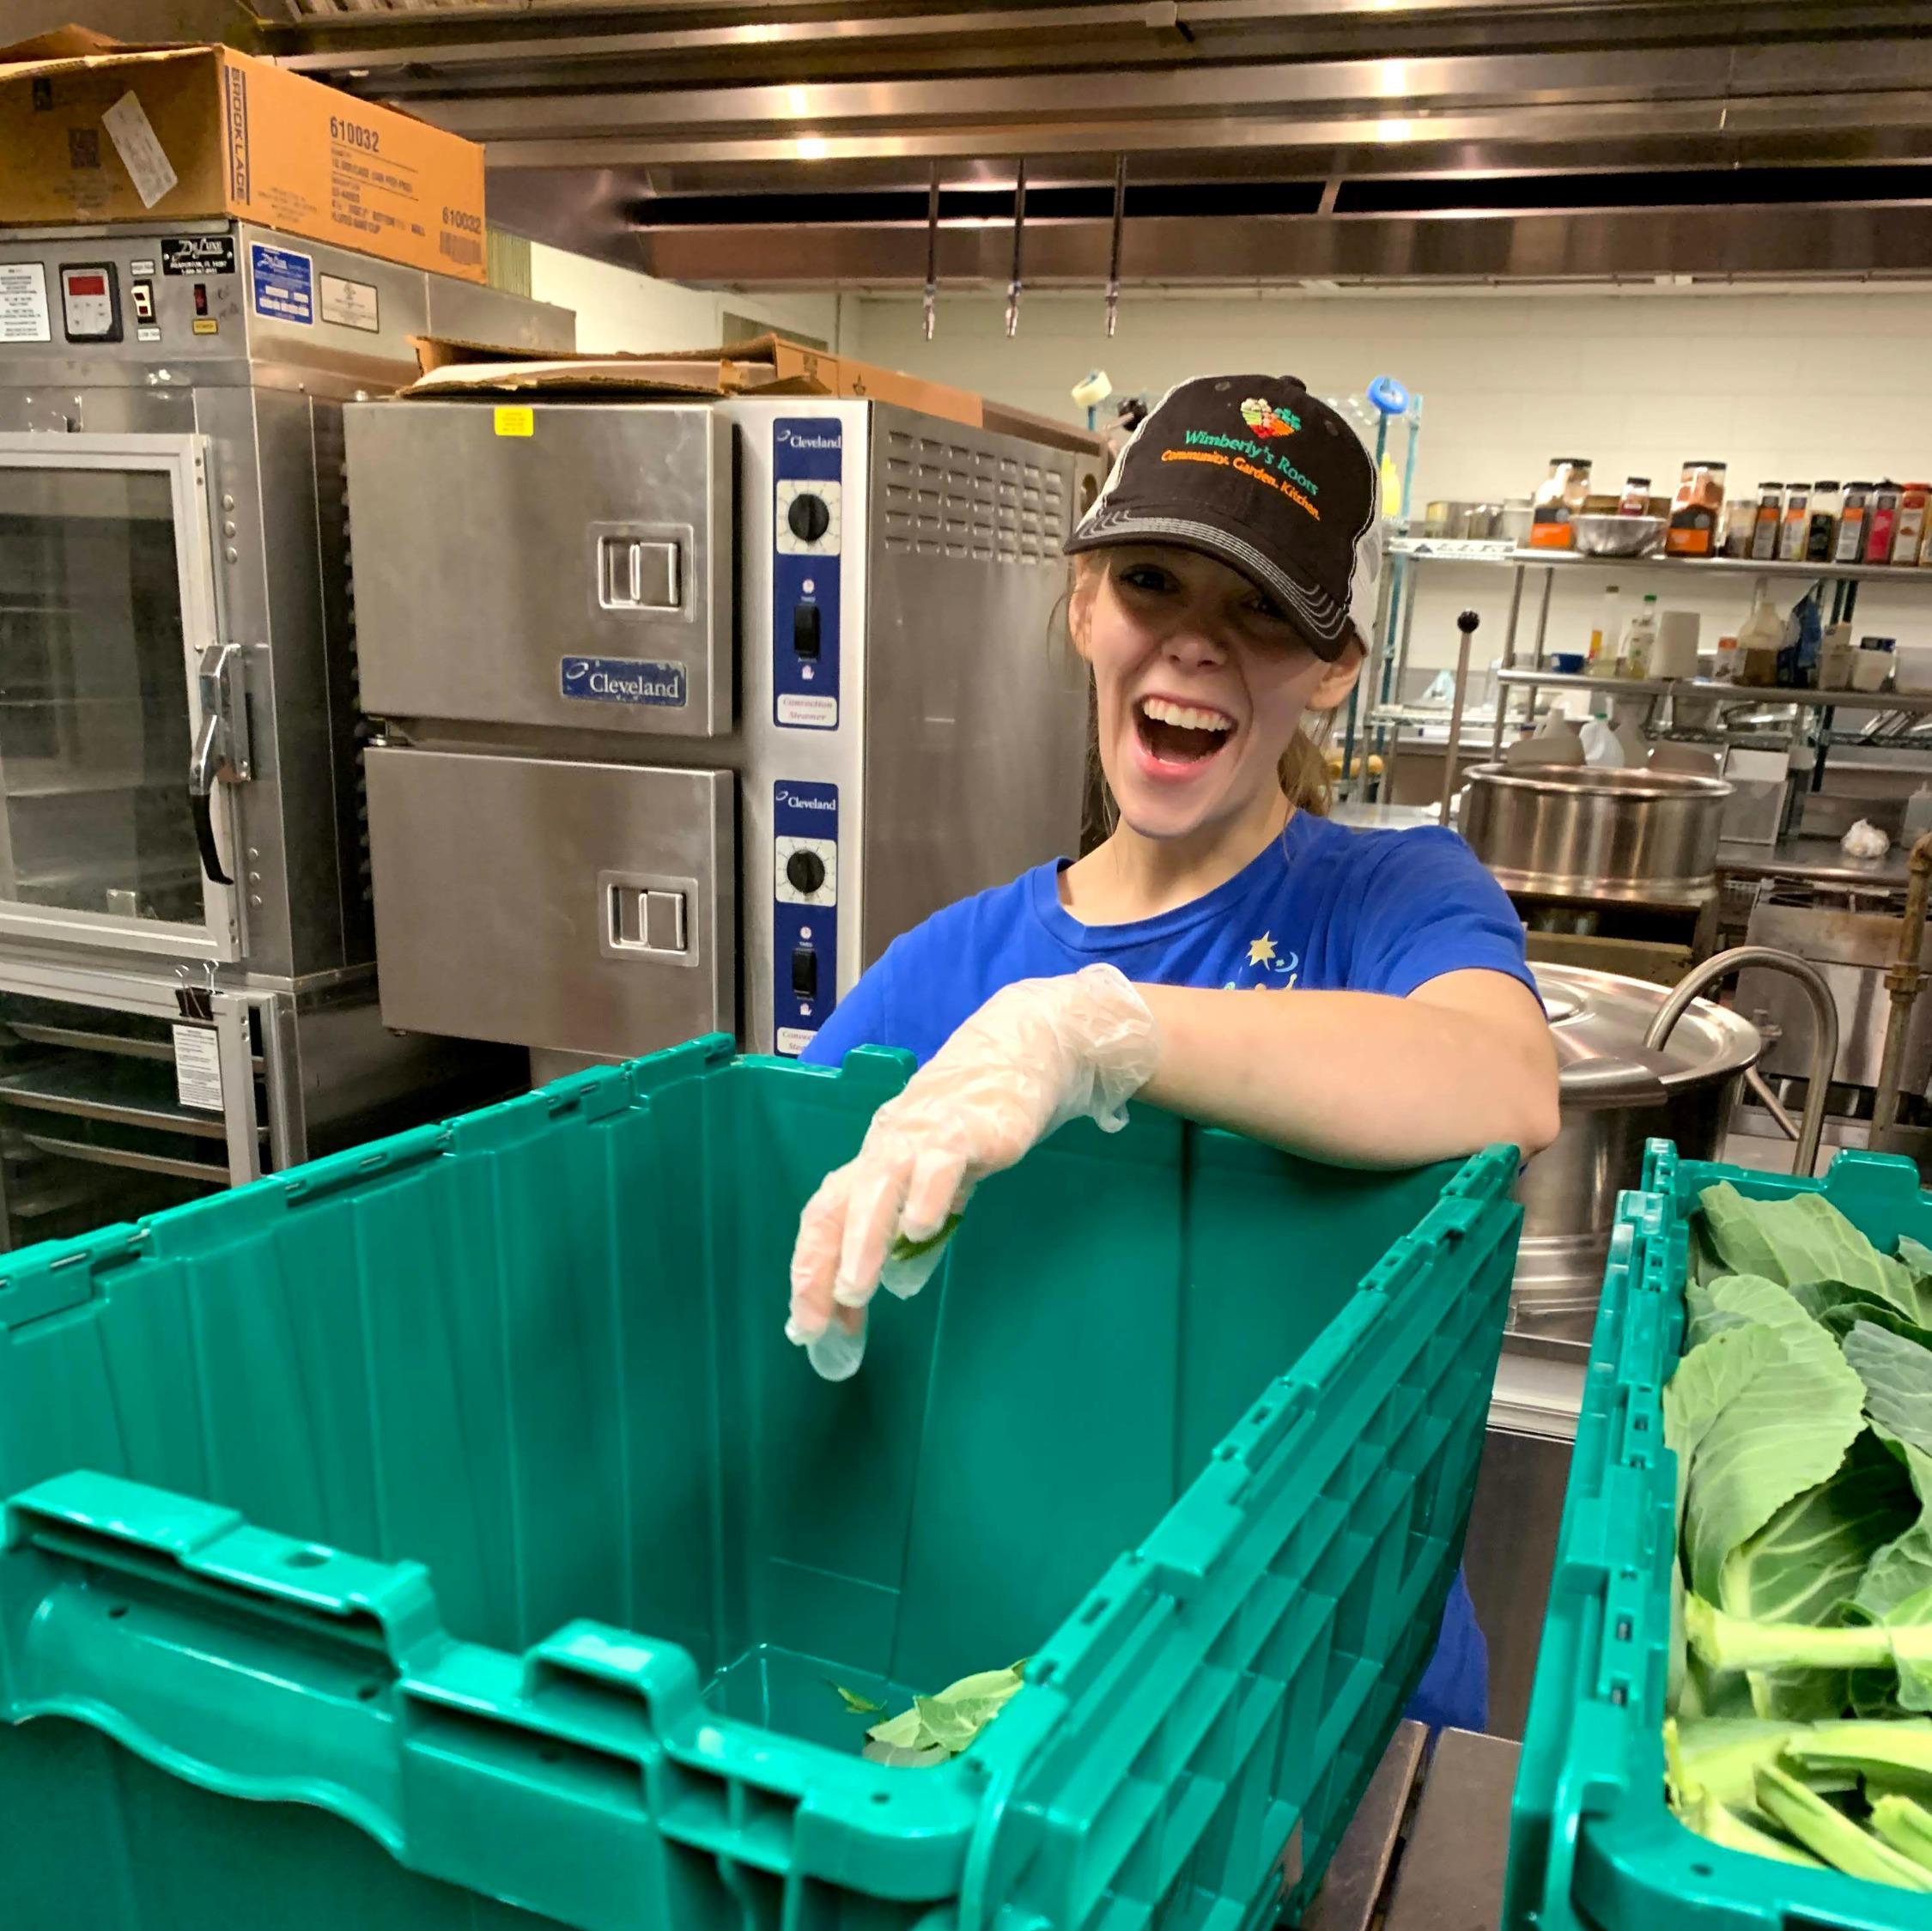 kitchen project safe volunteer